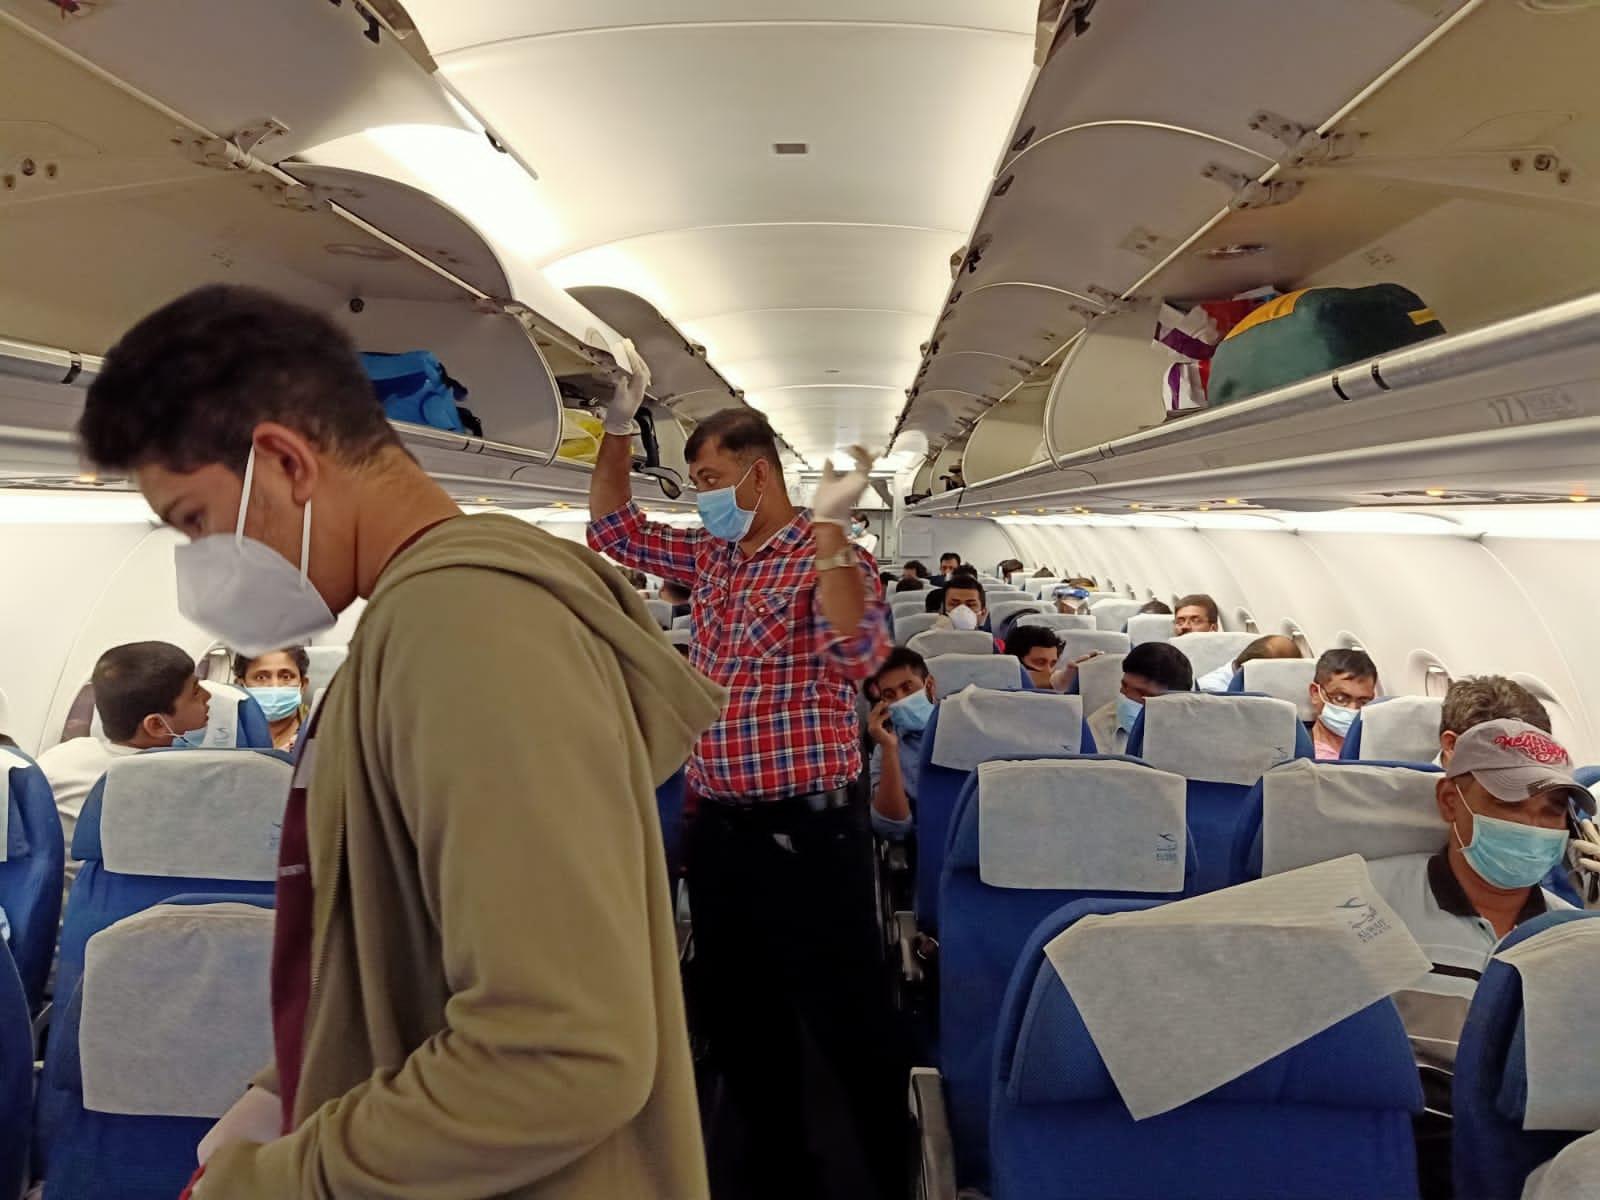 45 ದಿನಗಳ ಬಳಿಕ ಸತತ ಪ್ರಯತ್ನದಲ್ಲಿ ಕುವೈತ್ನಿಂದ ಮಂಗಳೂರಿಗೆ ಬಂತು ಚಾರಿಟಿ ವಿಮಾನ